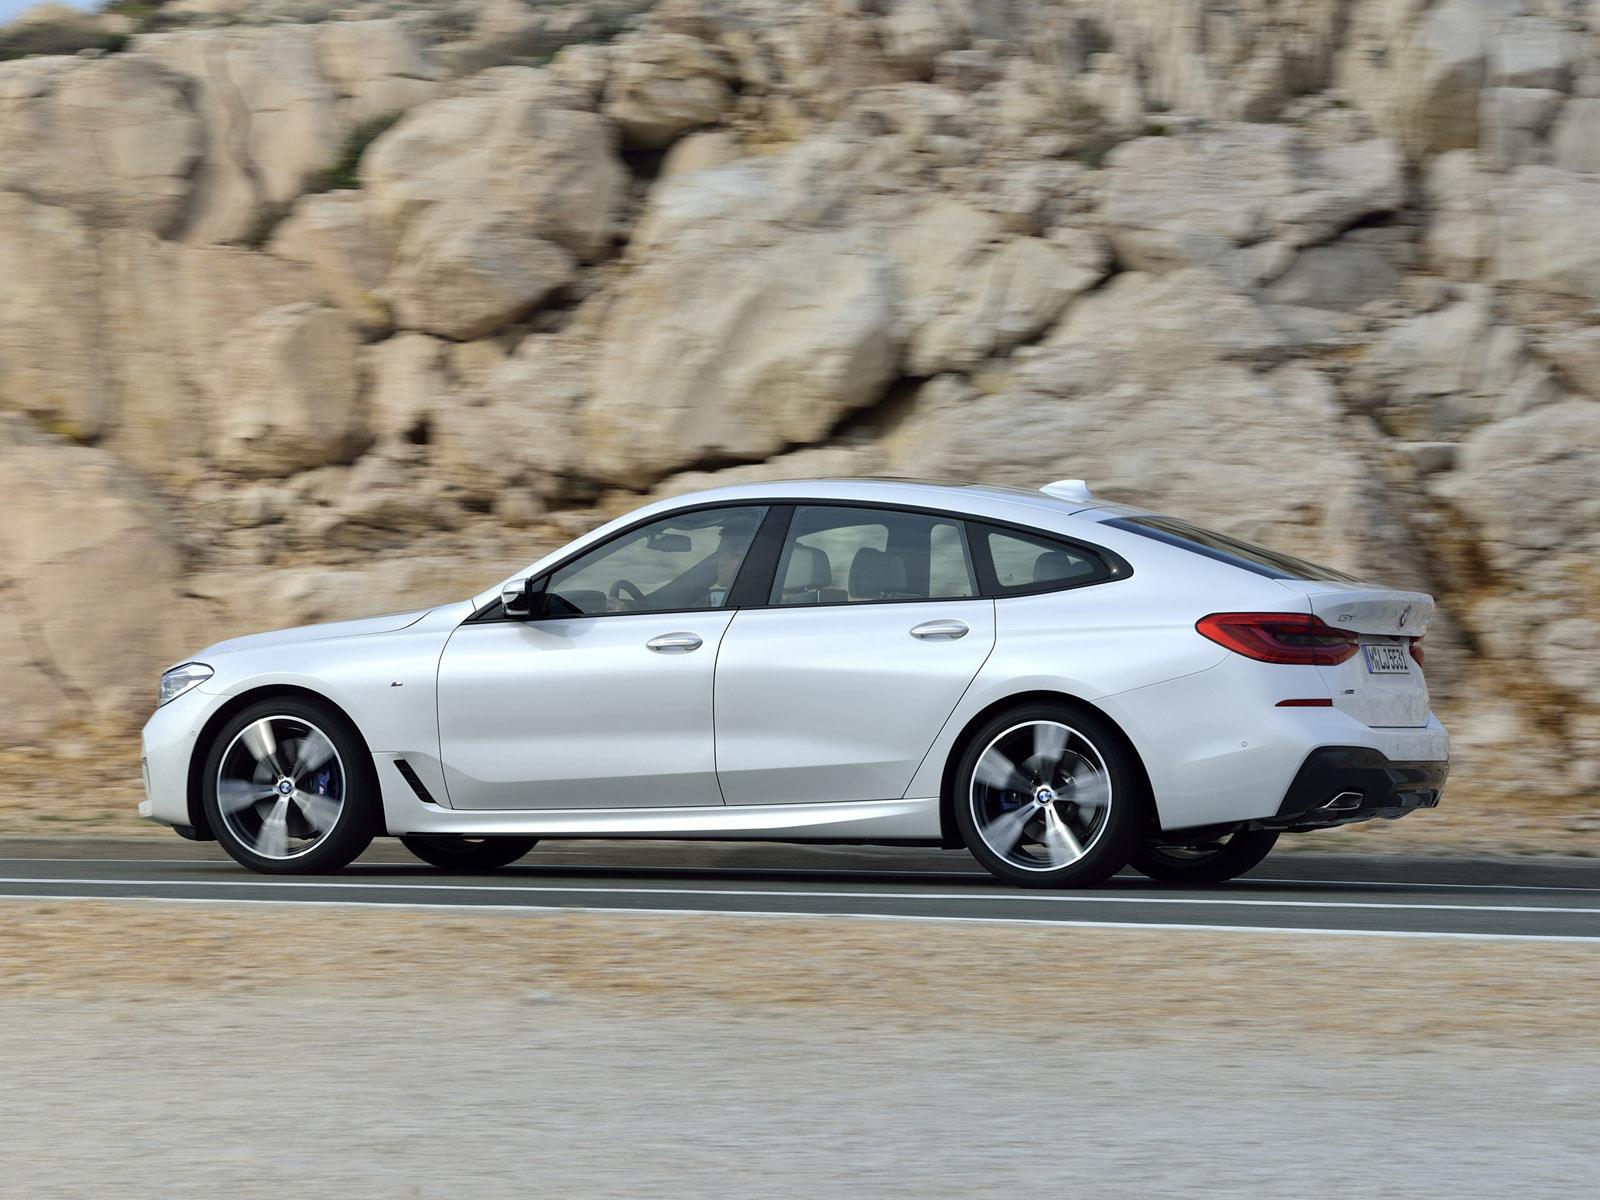 BMW – Seite 3 – AutoGuru